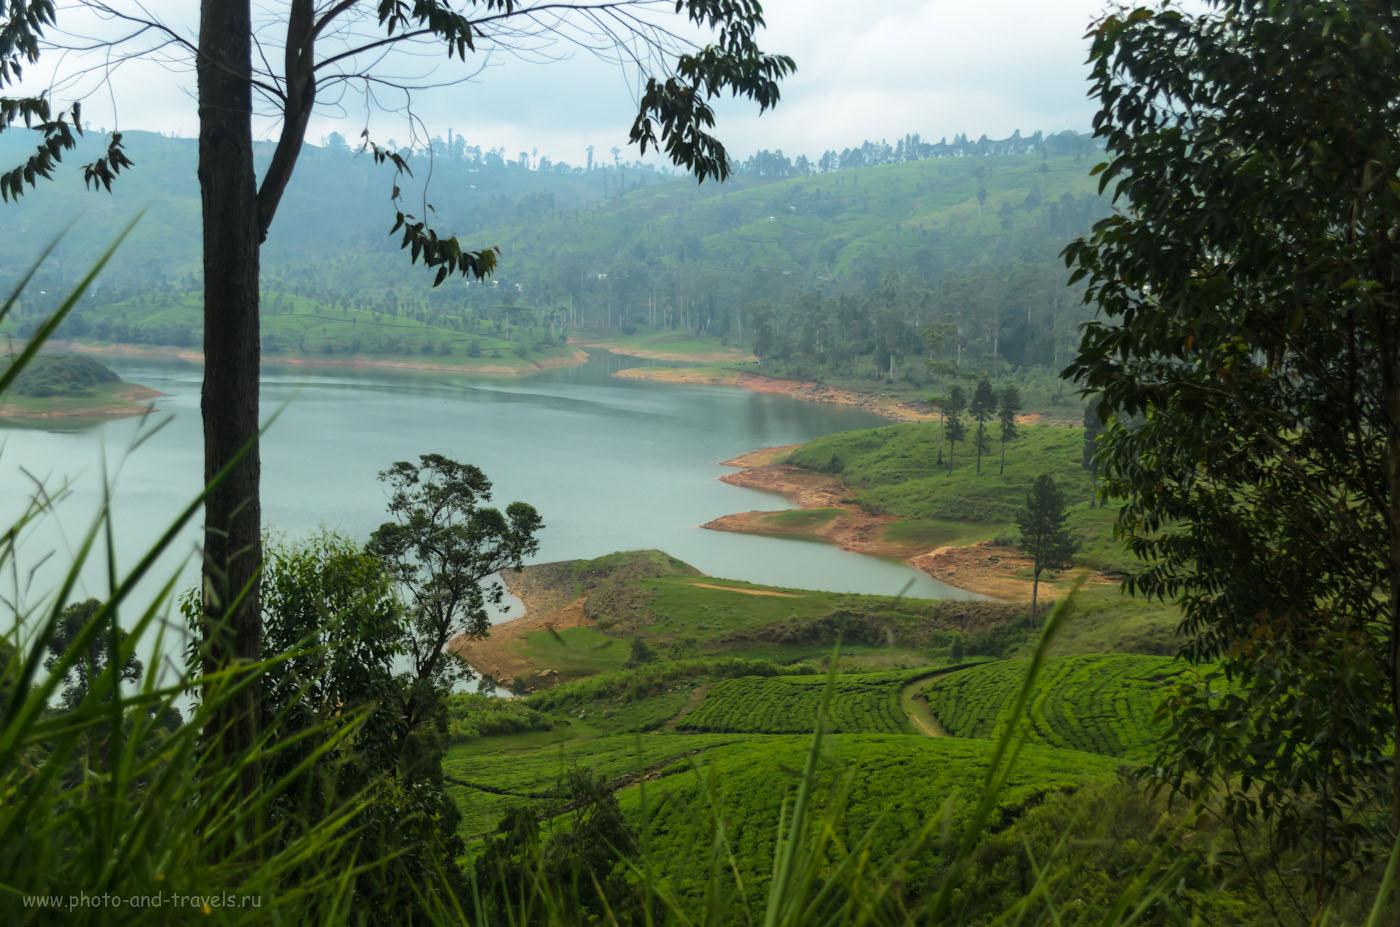 Фото 20. Водохранилище Маскелия (Maskeliya Reservoir) в районе Пика Адама. Отзывы туристов о самостоятельной экскурсии. Шри-Ланка в мае.